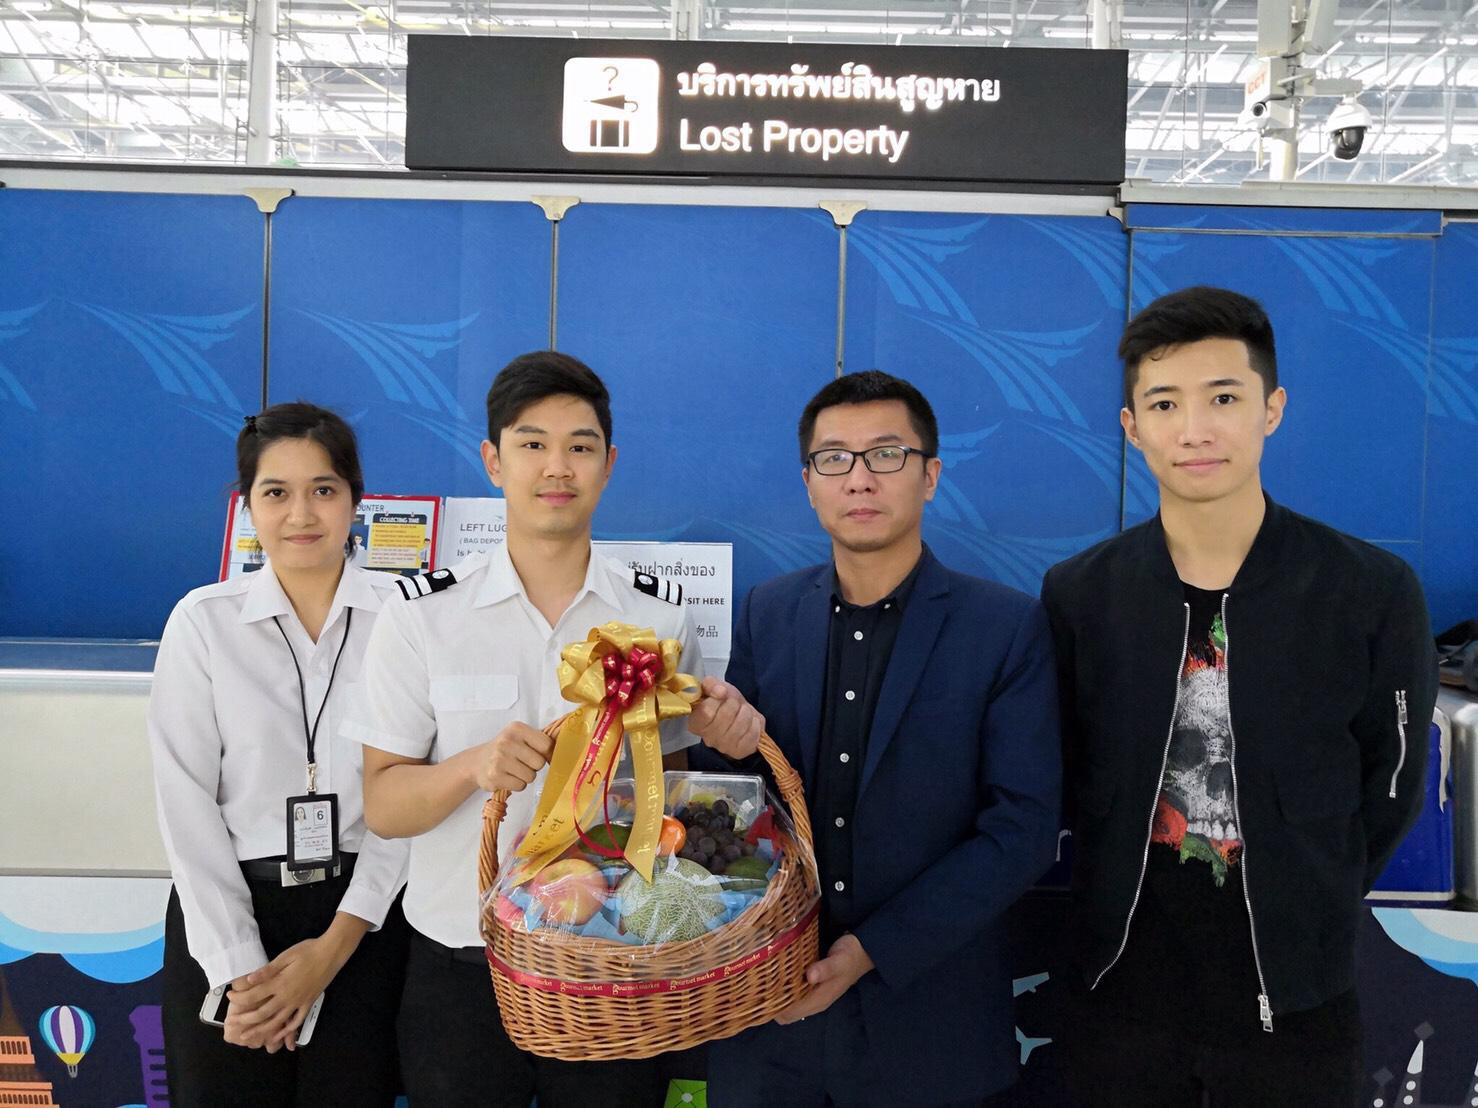 จนท.สนามบินสุวรรณภูมิช่วยหากระเป๋าสตางค์นักท่องเที่ยวจีนที่หล่นหายจนได้คืน